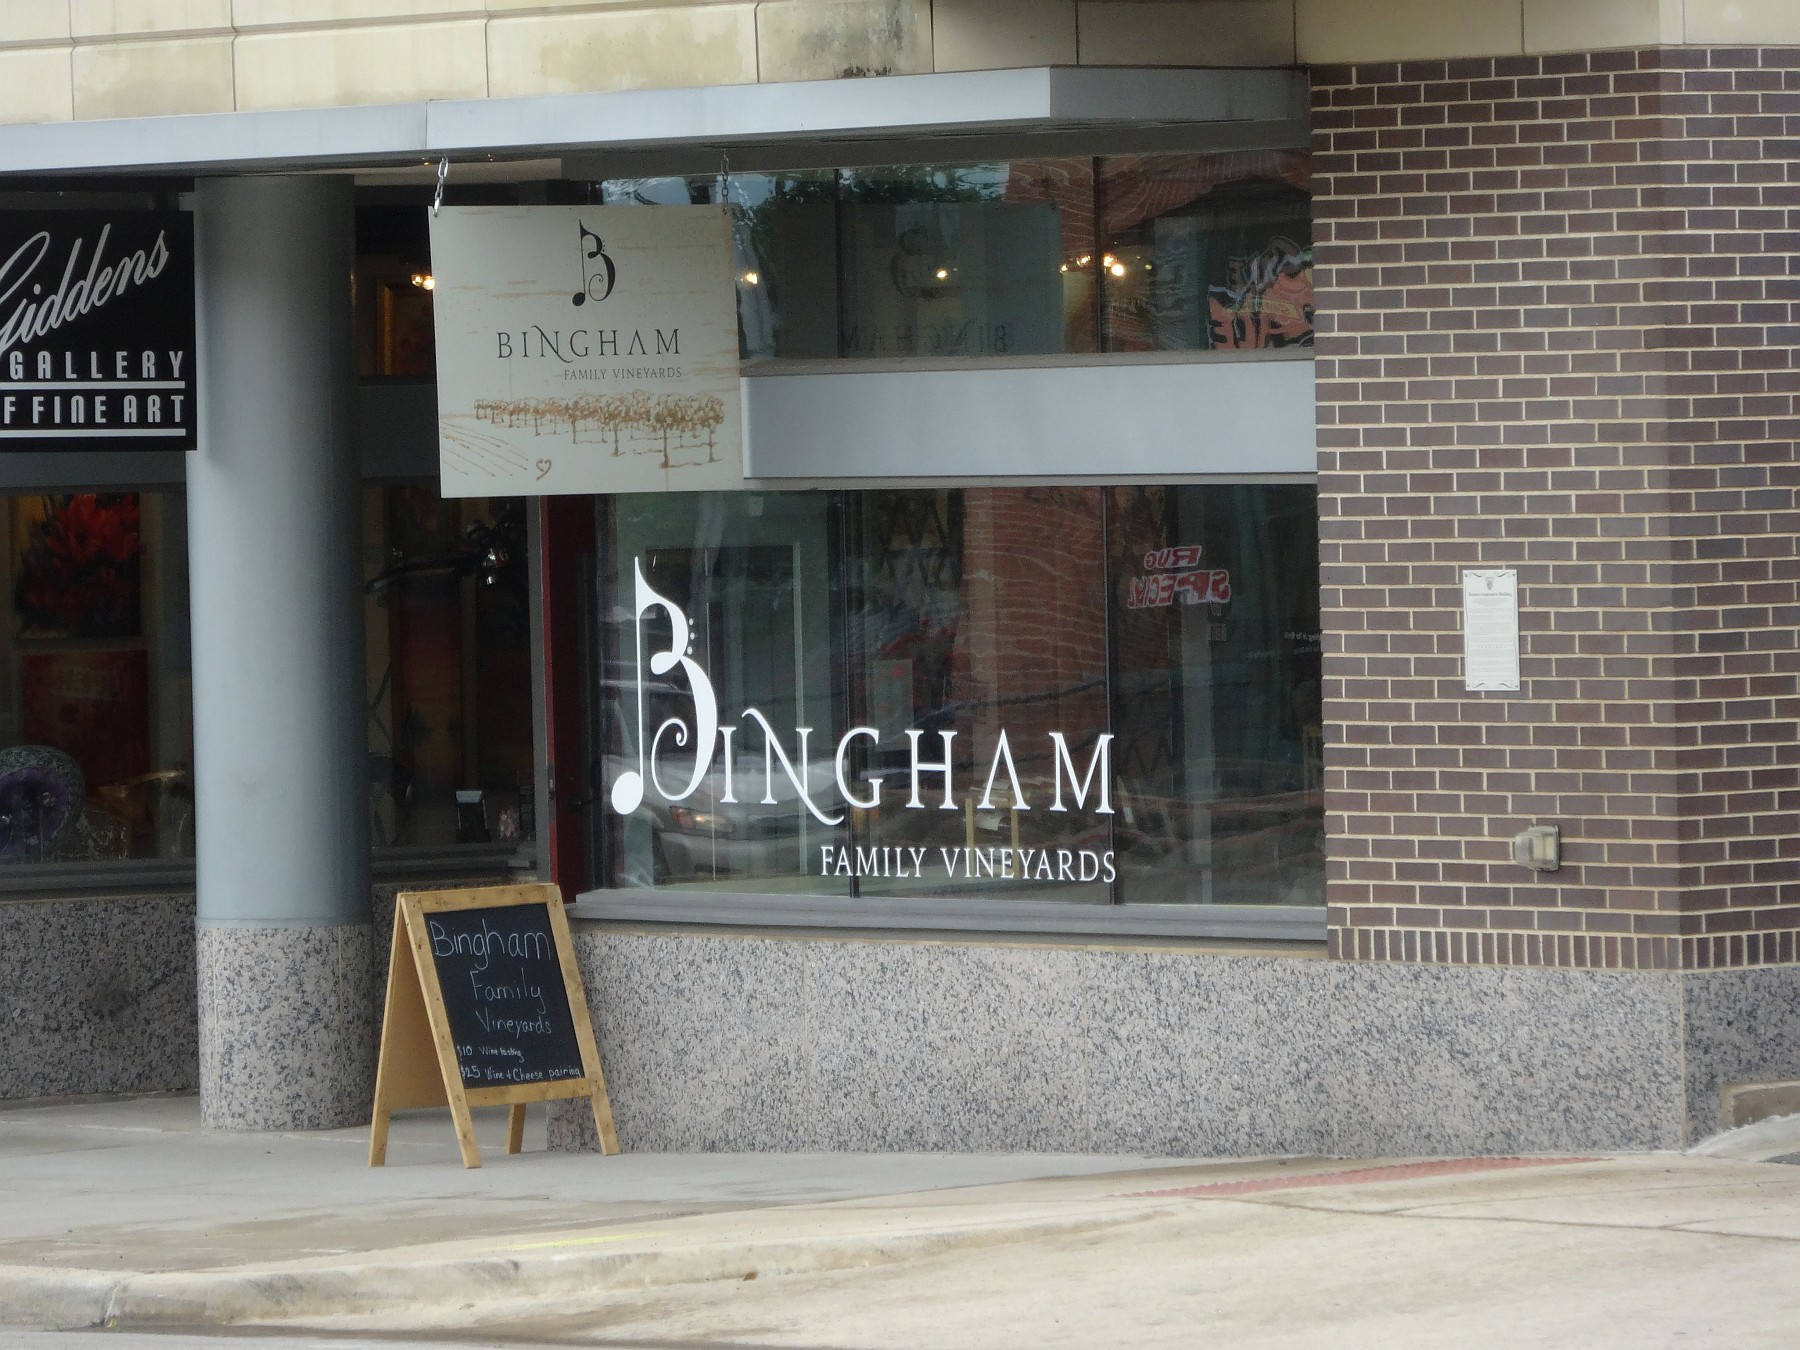 Bingham Family Vineyards outside